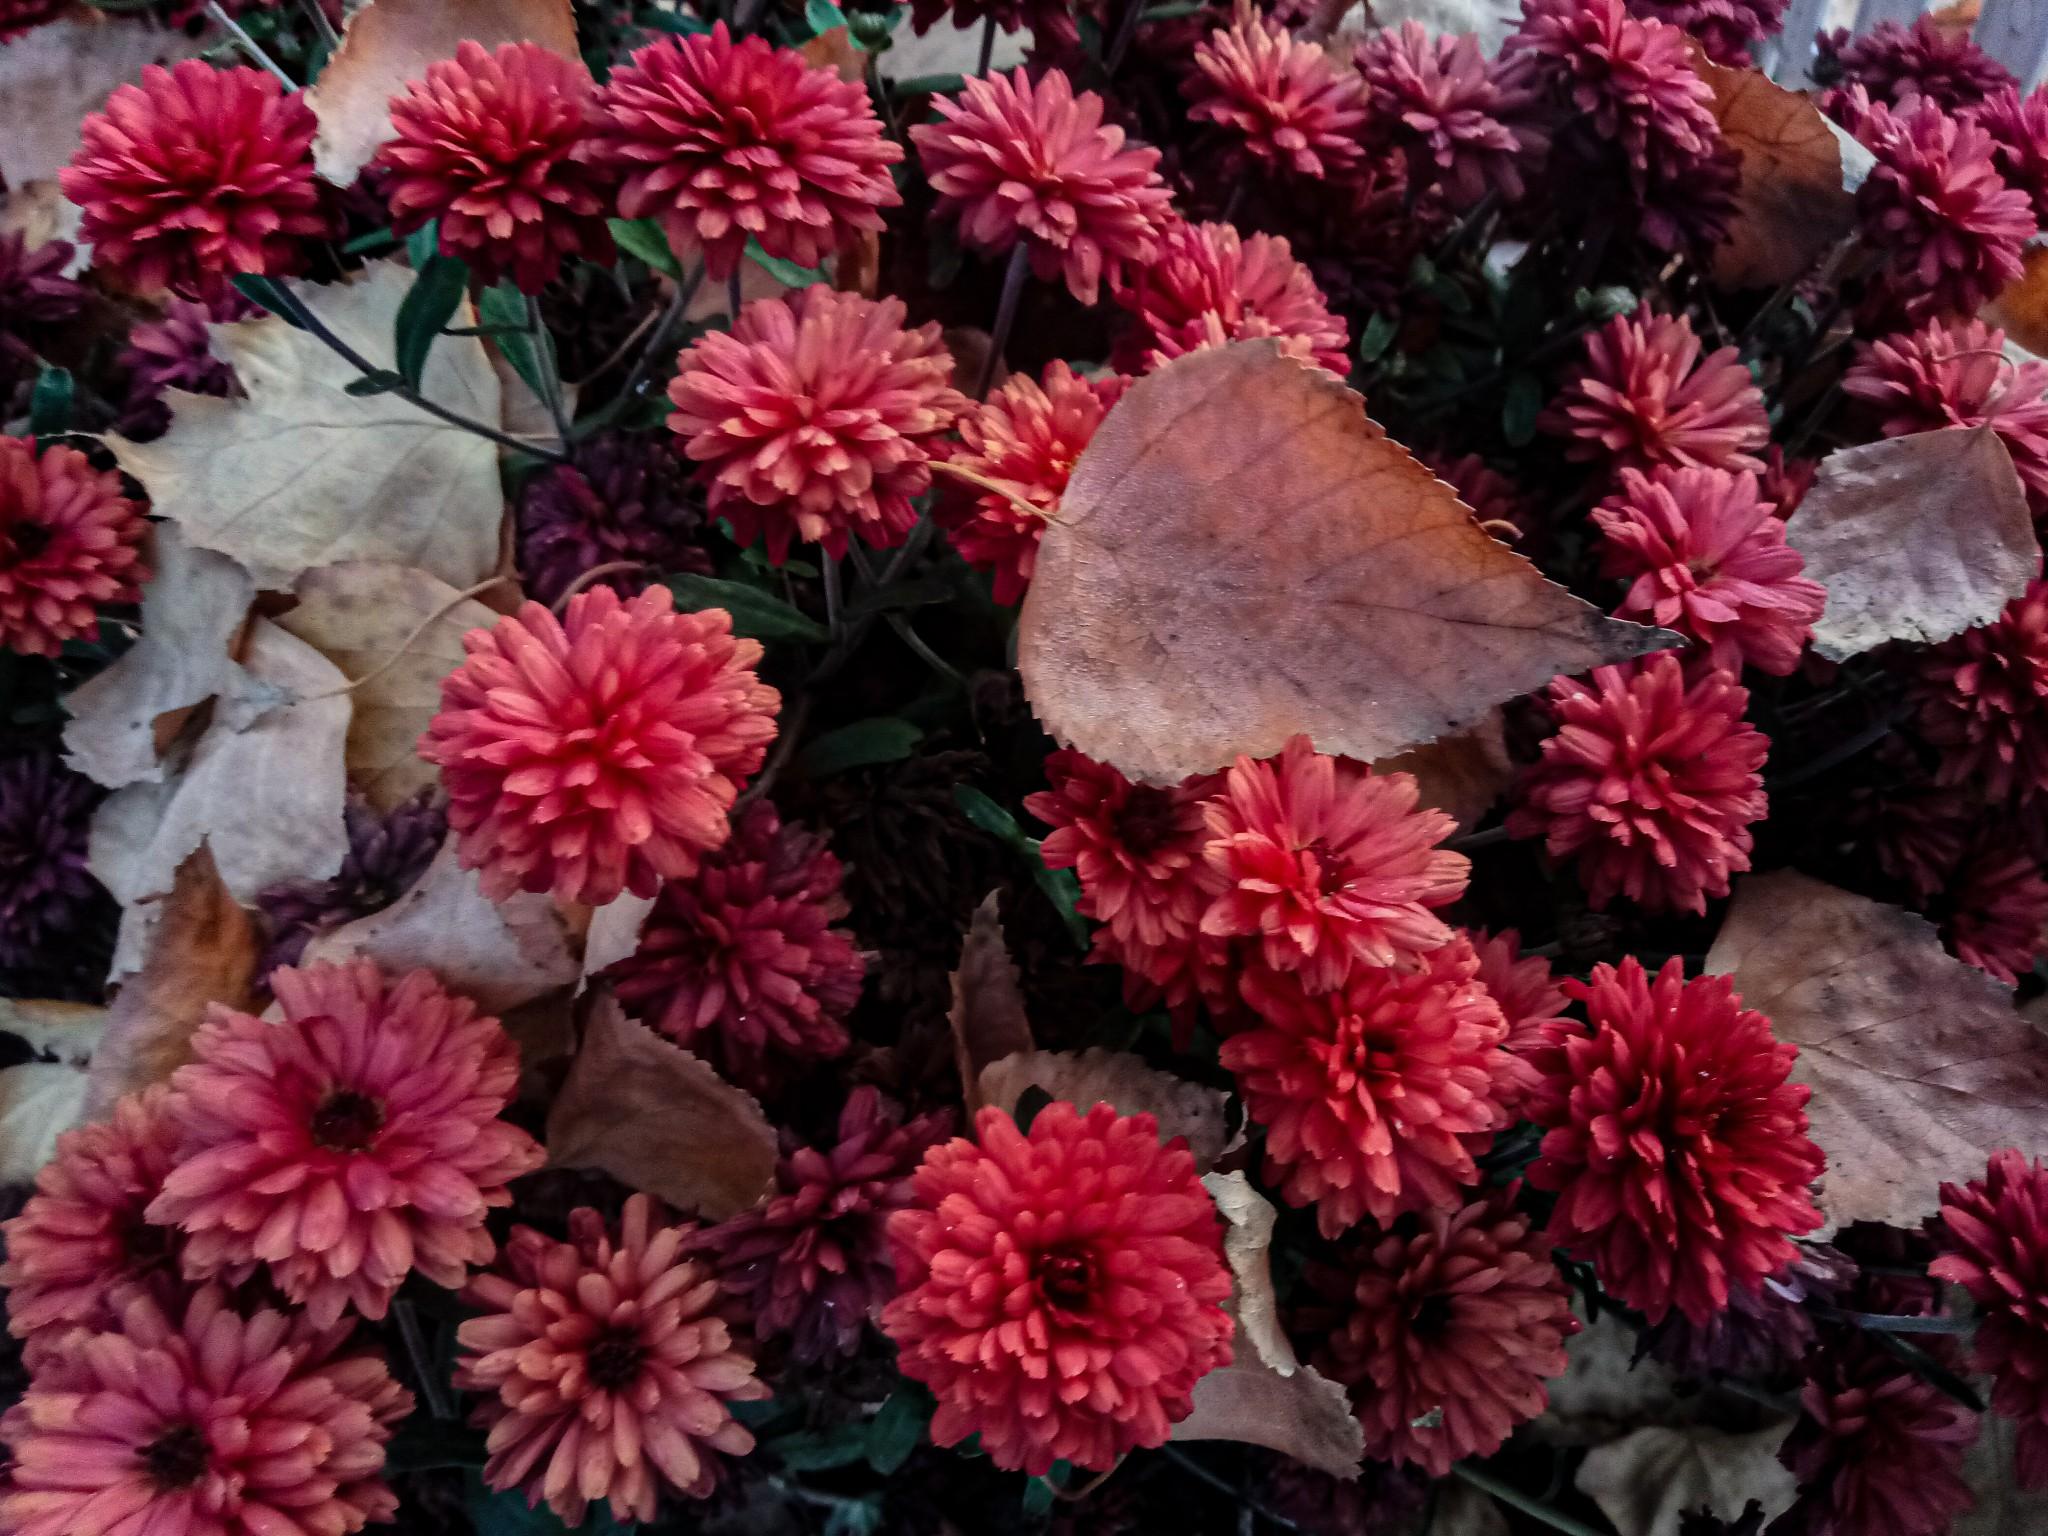 Chrysanthemums photo 6